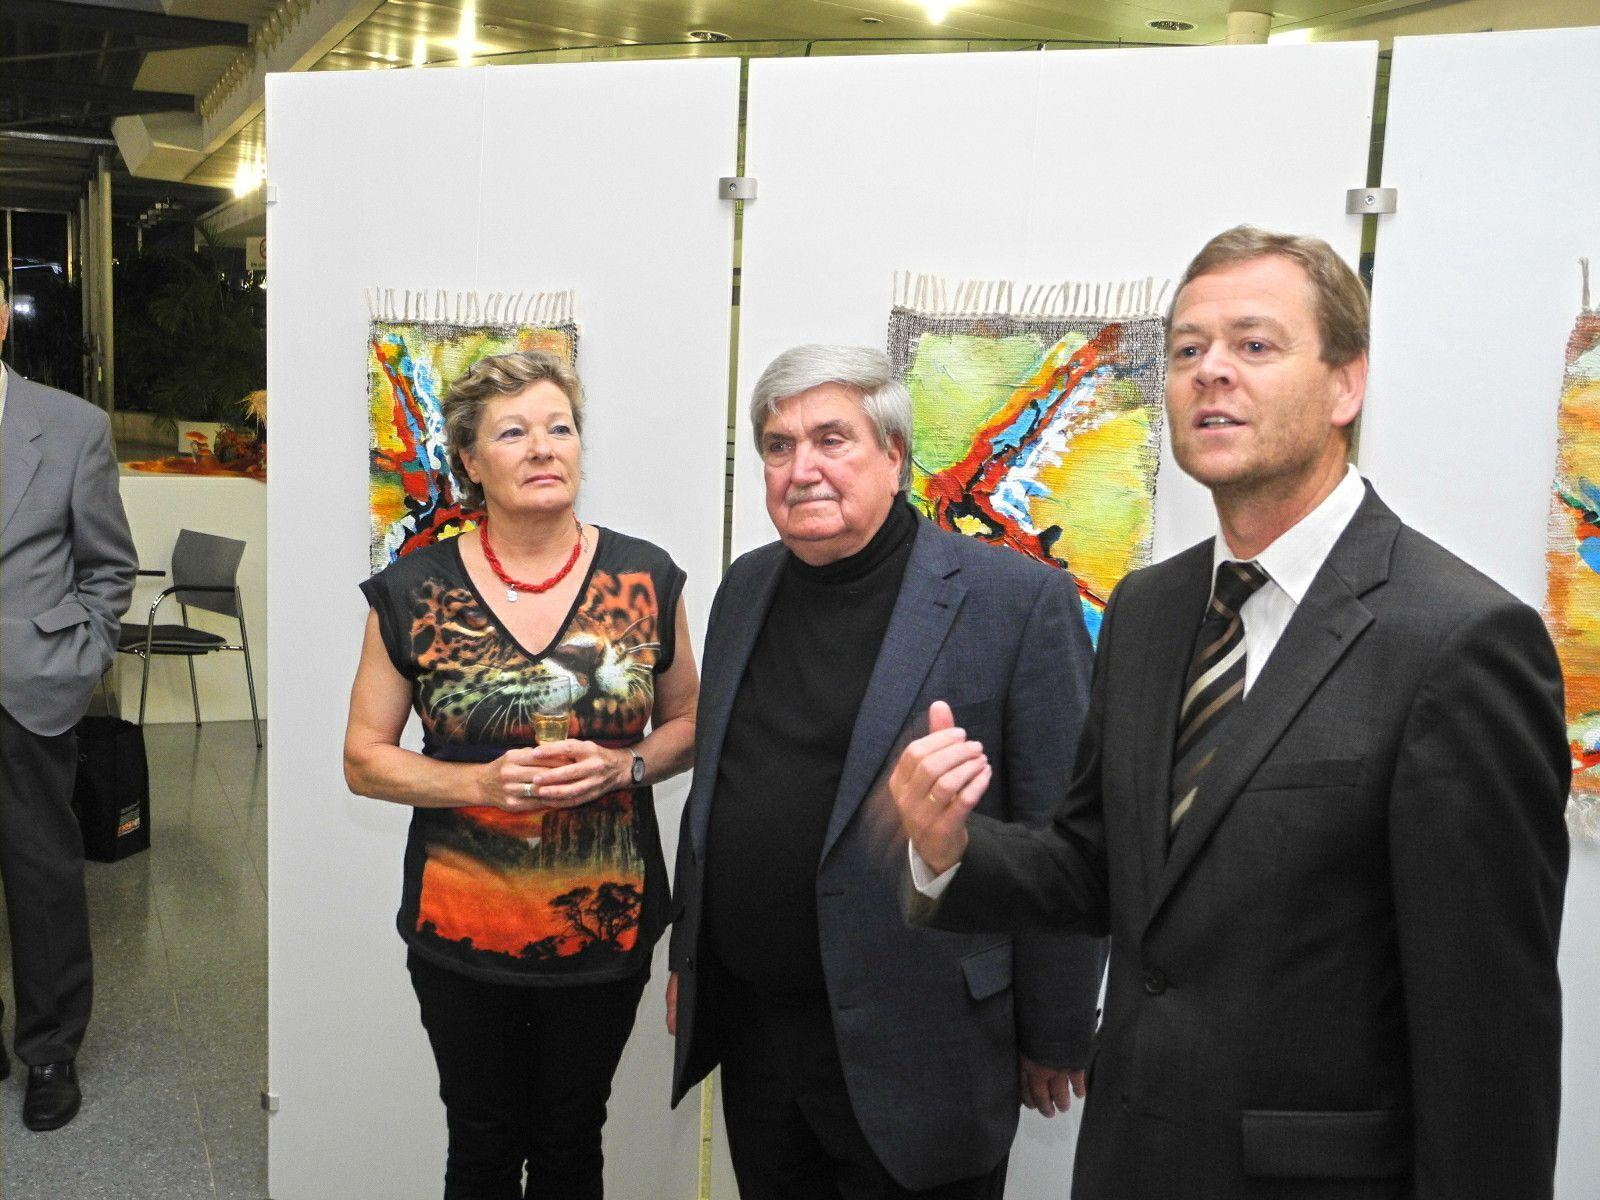 (l.) Silvia Bitschnau und Fidel Schurig mit Dir. Harald Maikisch vom LKH bei der Begrüßung der Gäste